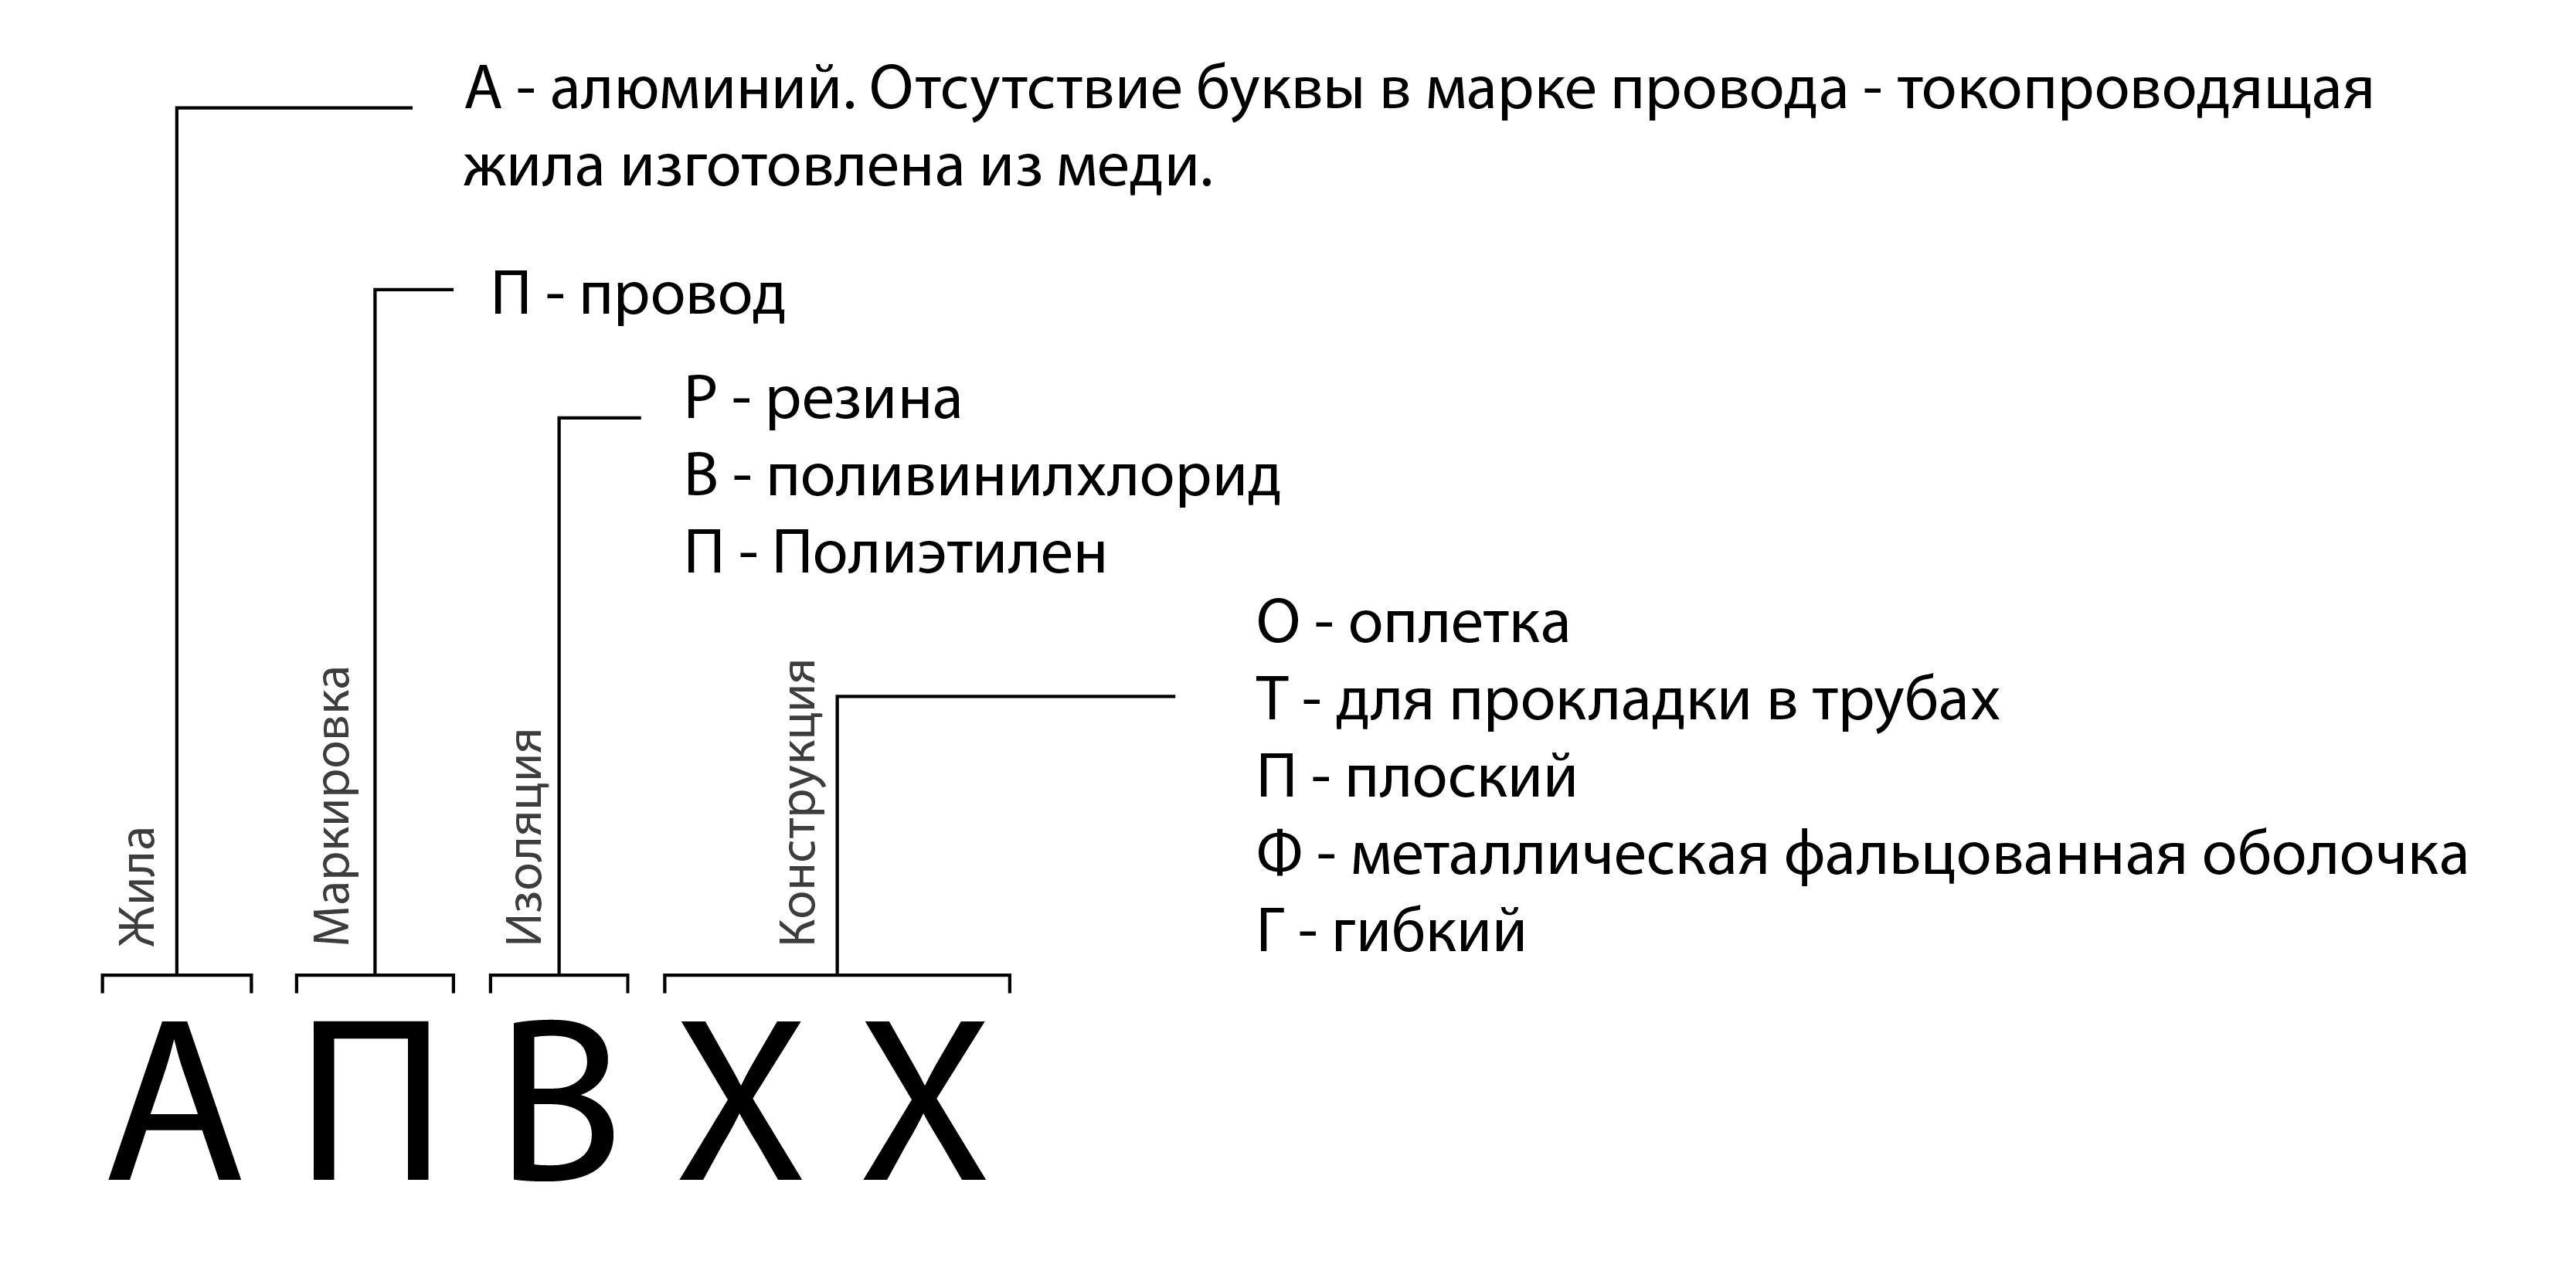 Обозначения маркировки проводов